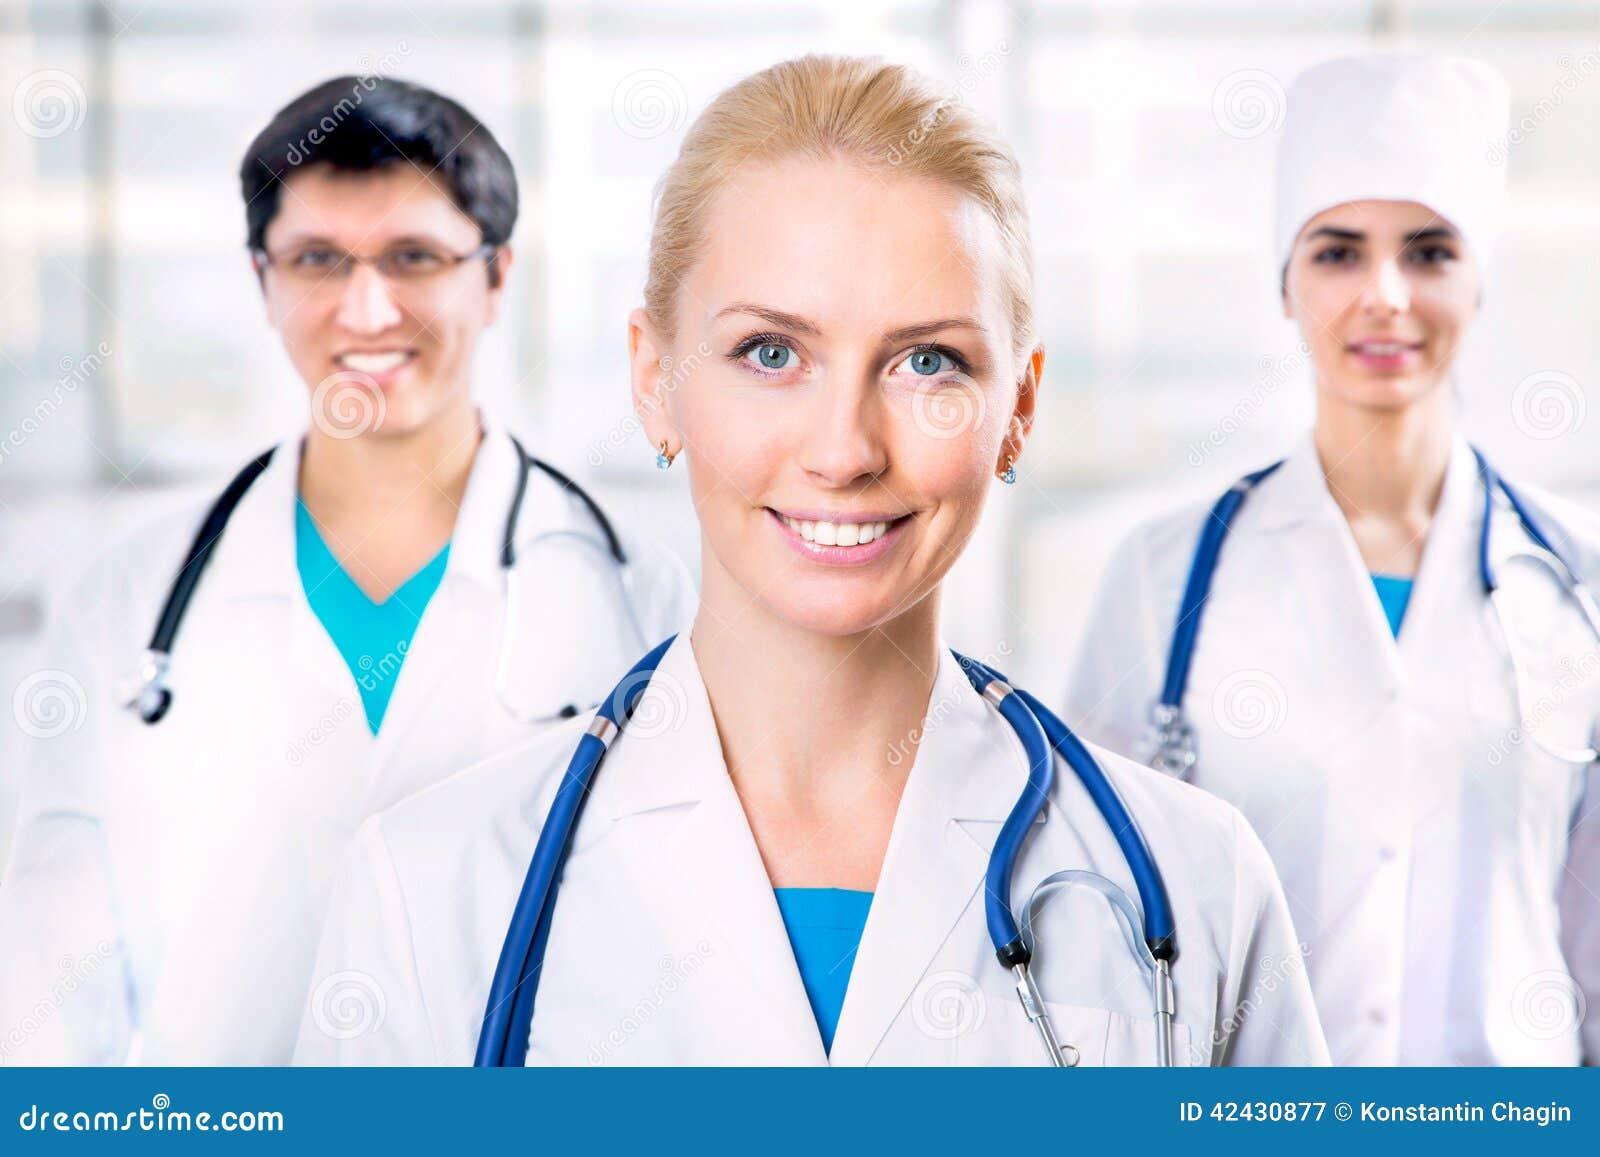 Retrato de doctores